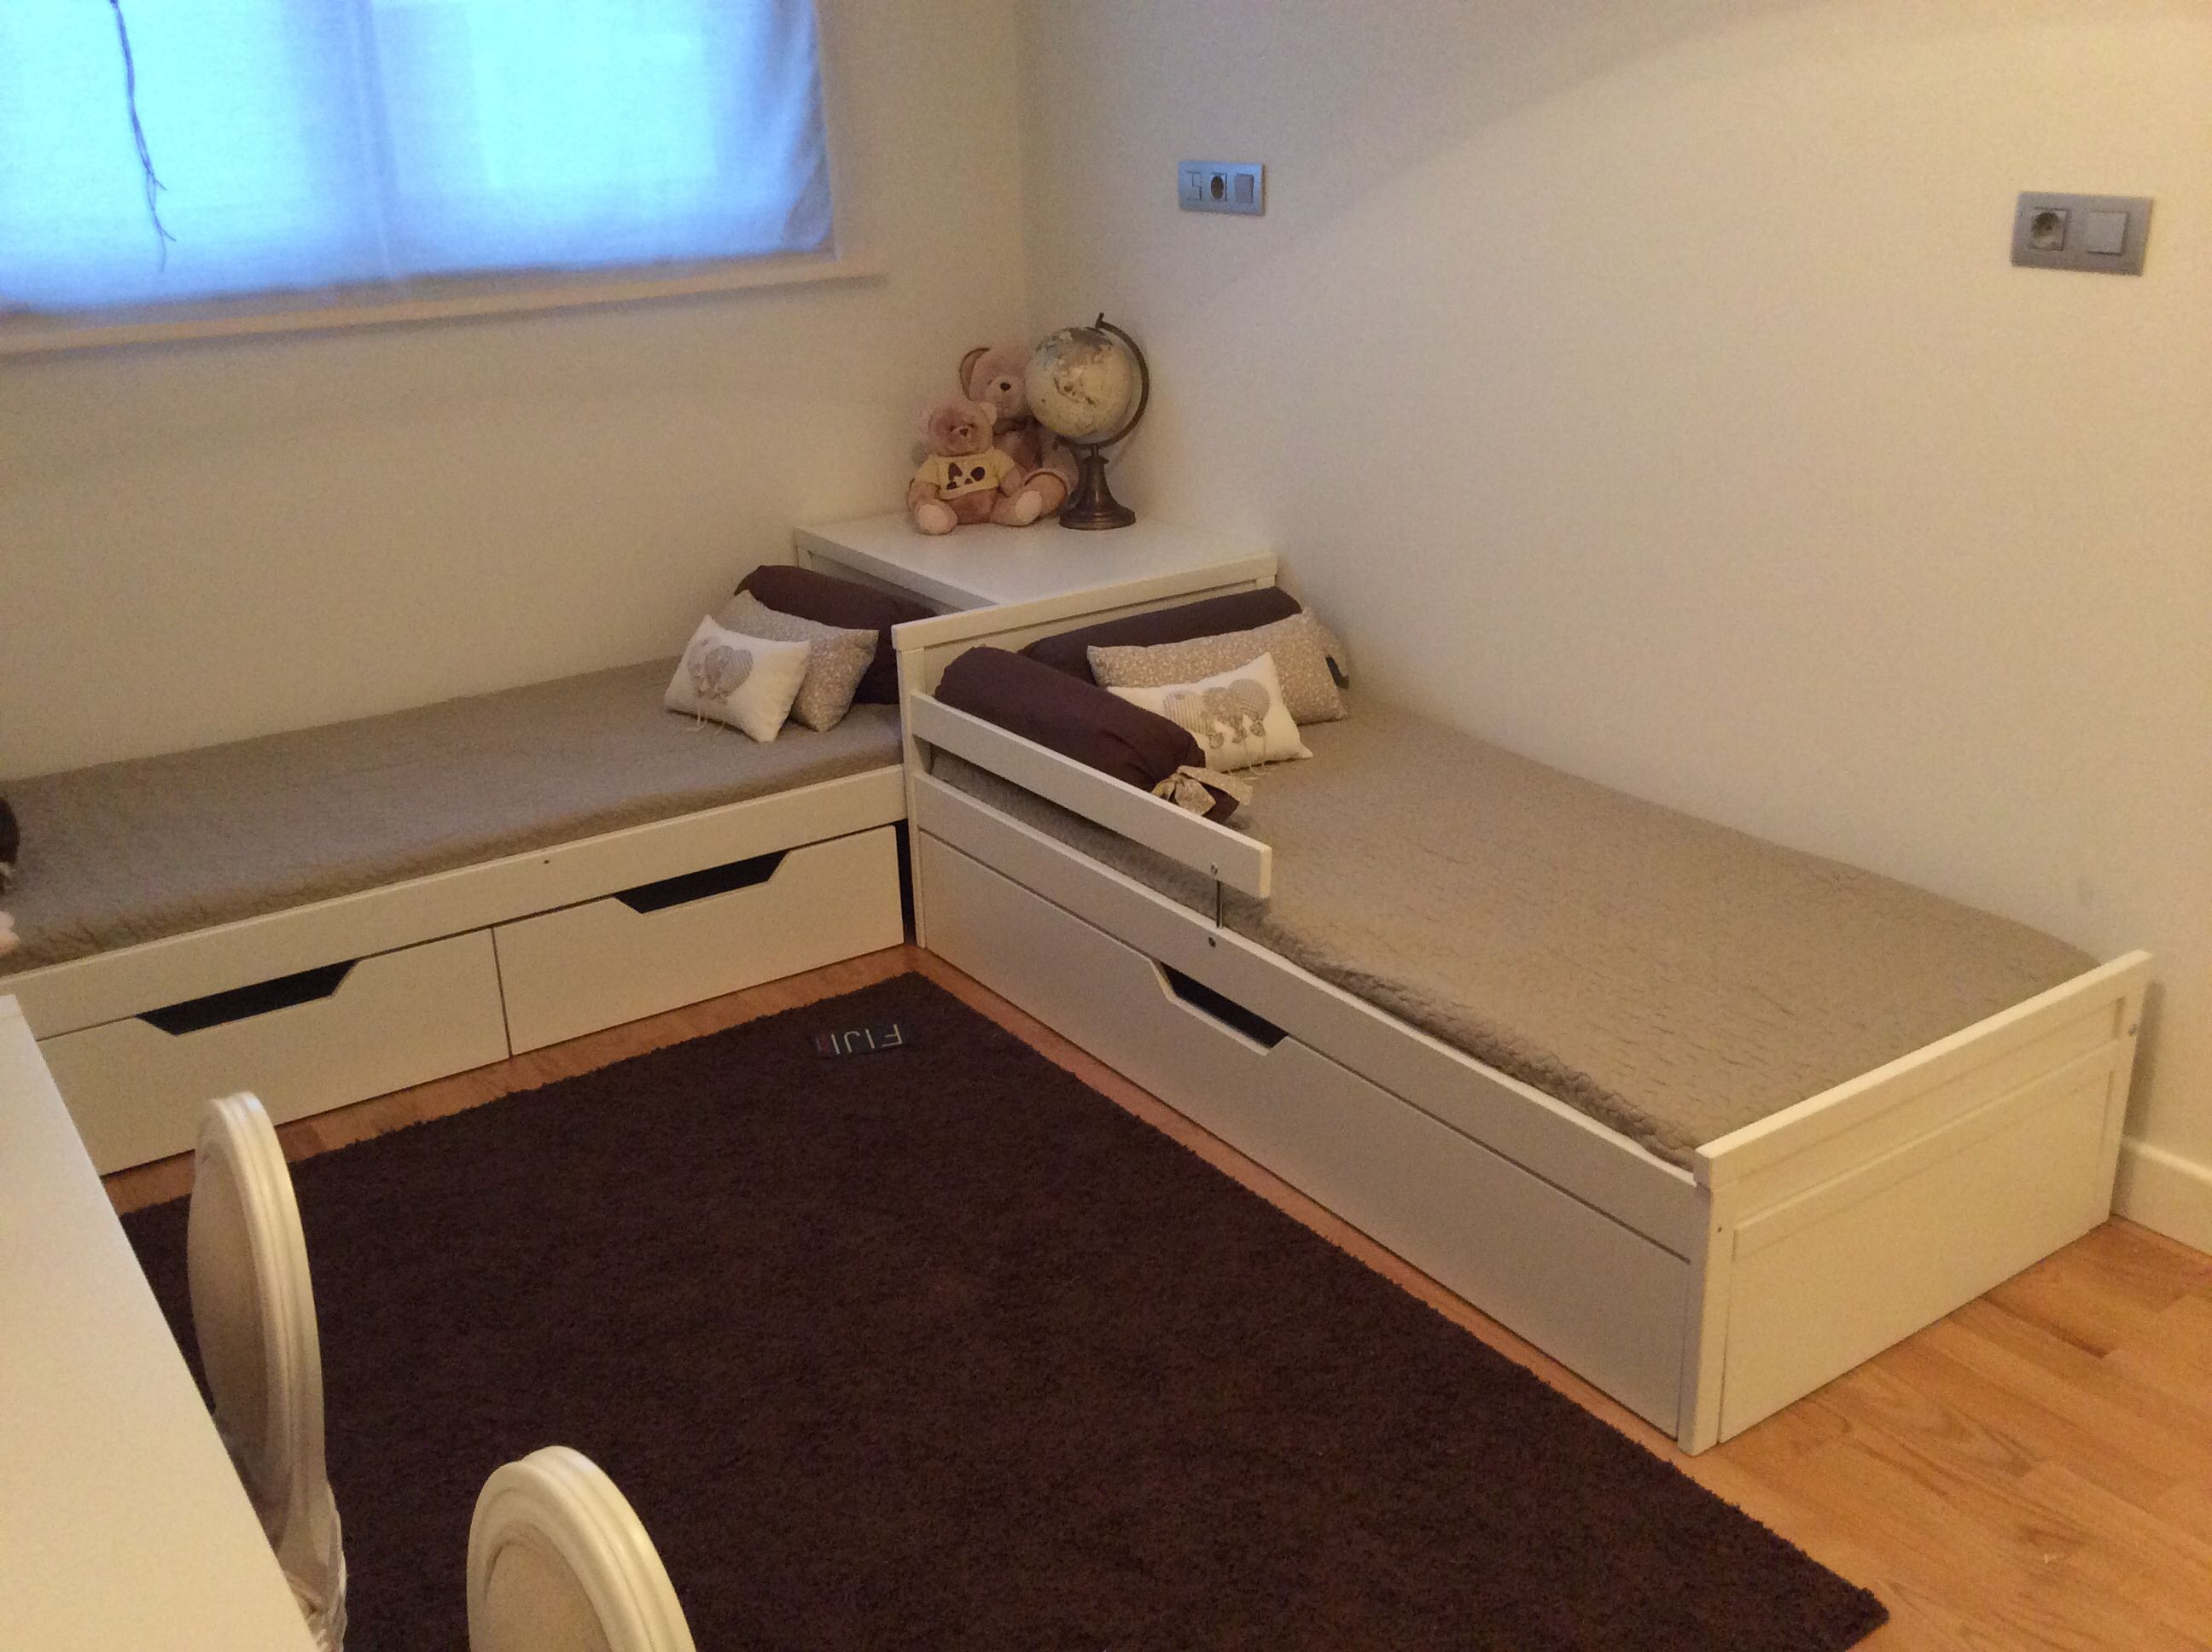 Cajones para juguetes y cama nido hechos con la estructura de cama sniglar de ikea trabajos - Estructura cama cajones ...